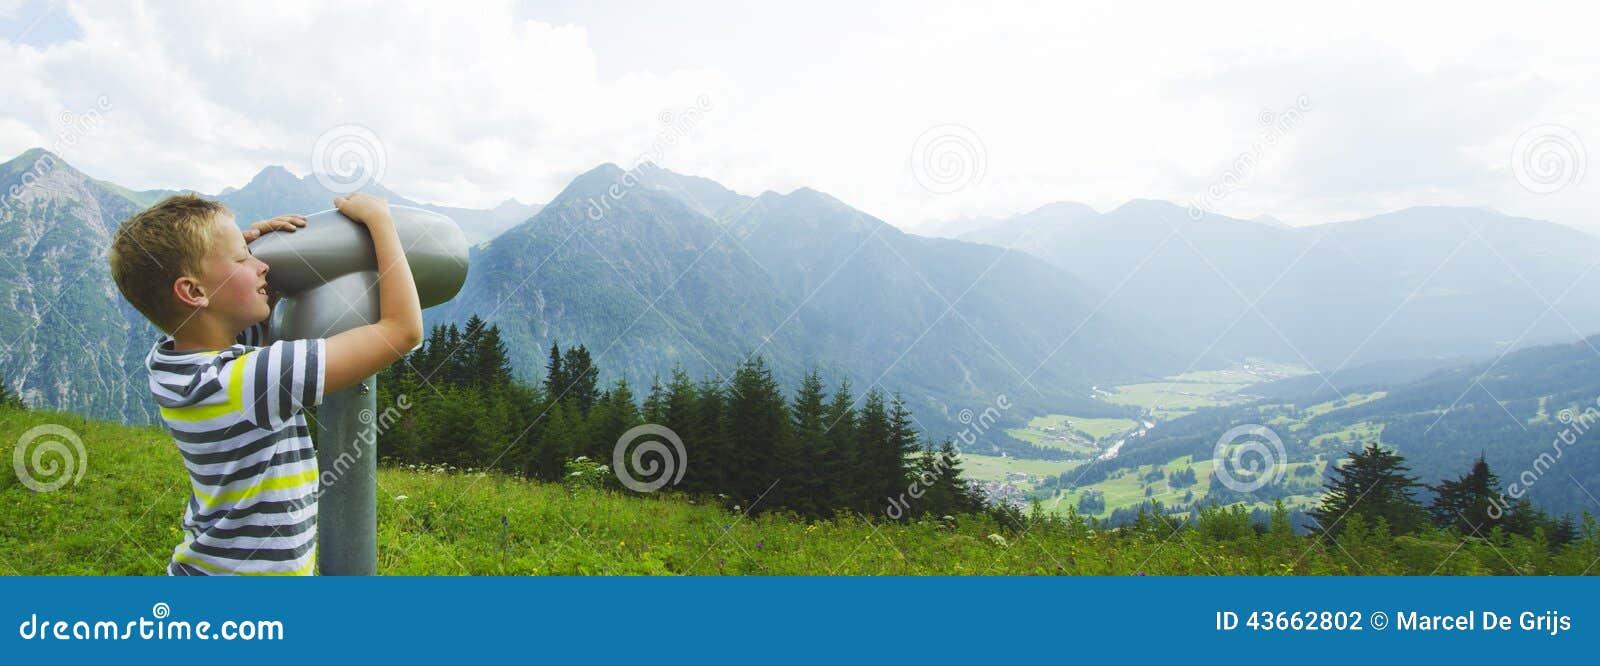 Pojke i berg som ser till och med seende exponeringsglas